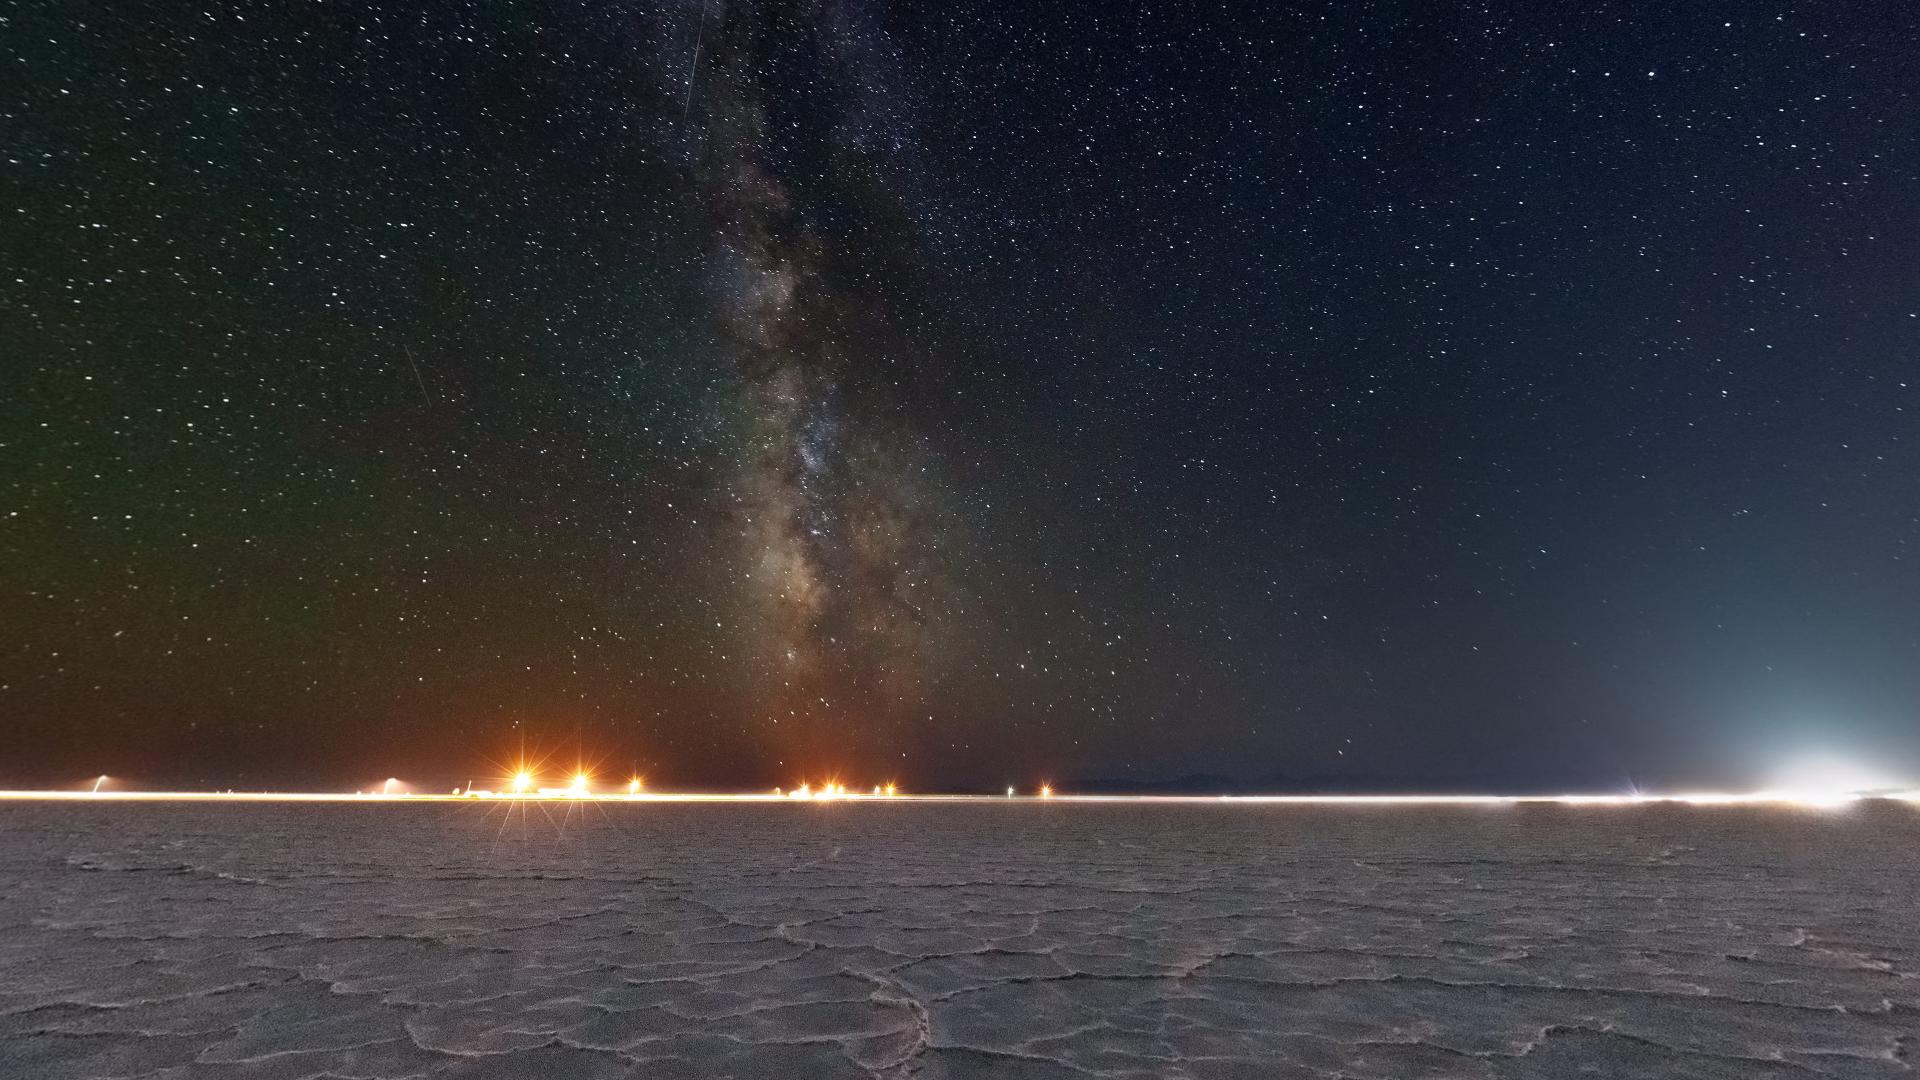 Bonneville salt flats at night panoramic view [1920 x 1080 1920x1080